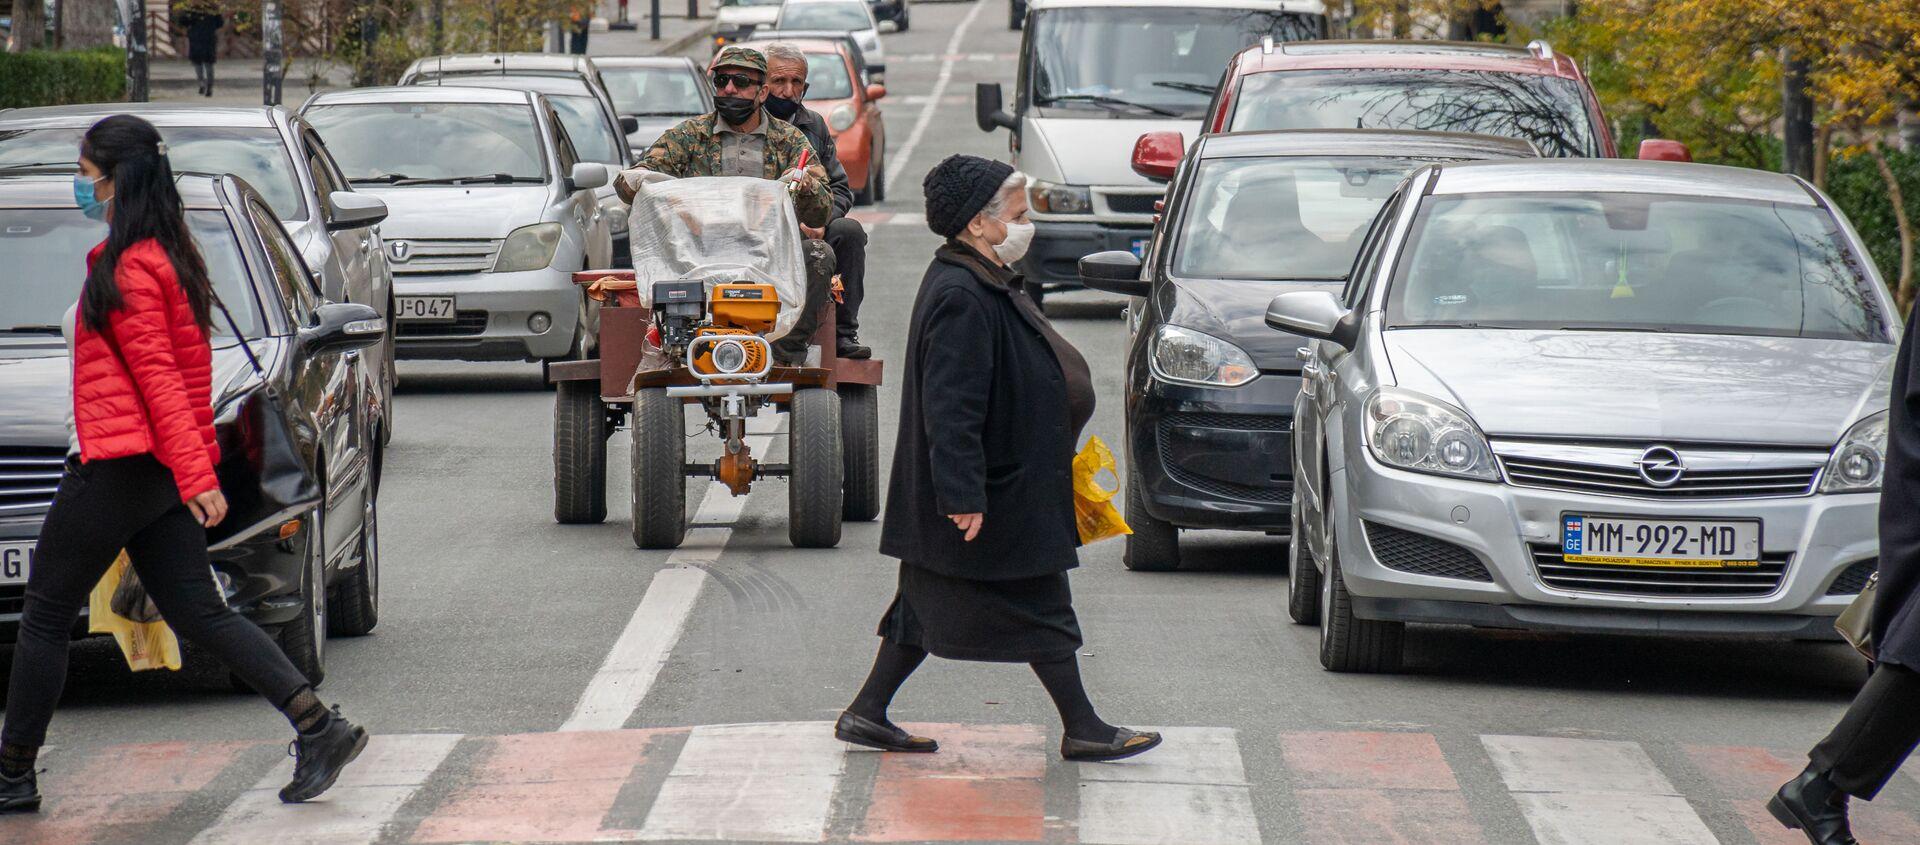 Кутаиси - эпидемия коронавируса. Прохожие в масках переходят дорогу по зебре - Sputnik Грузия, 1920, 28.02.2021